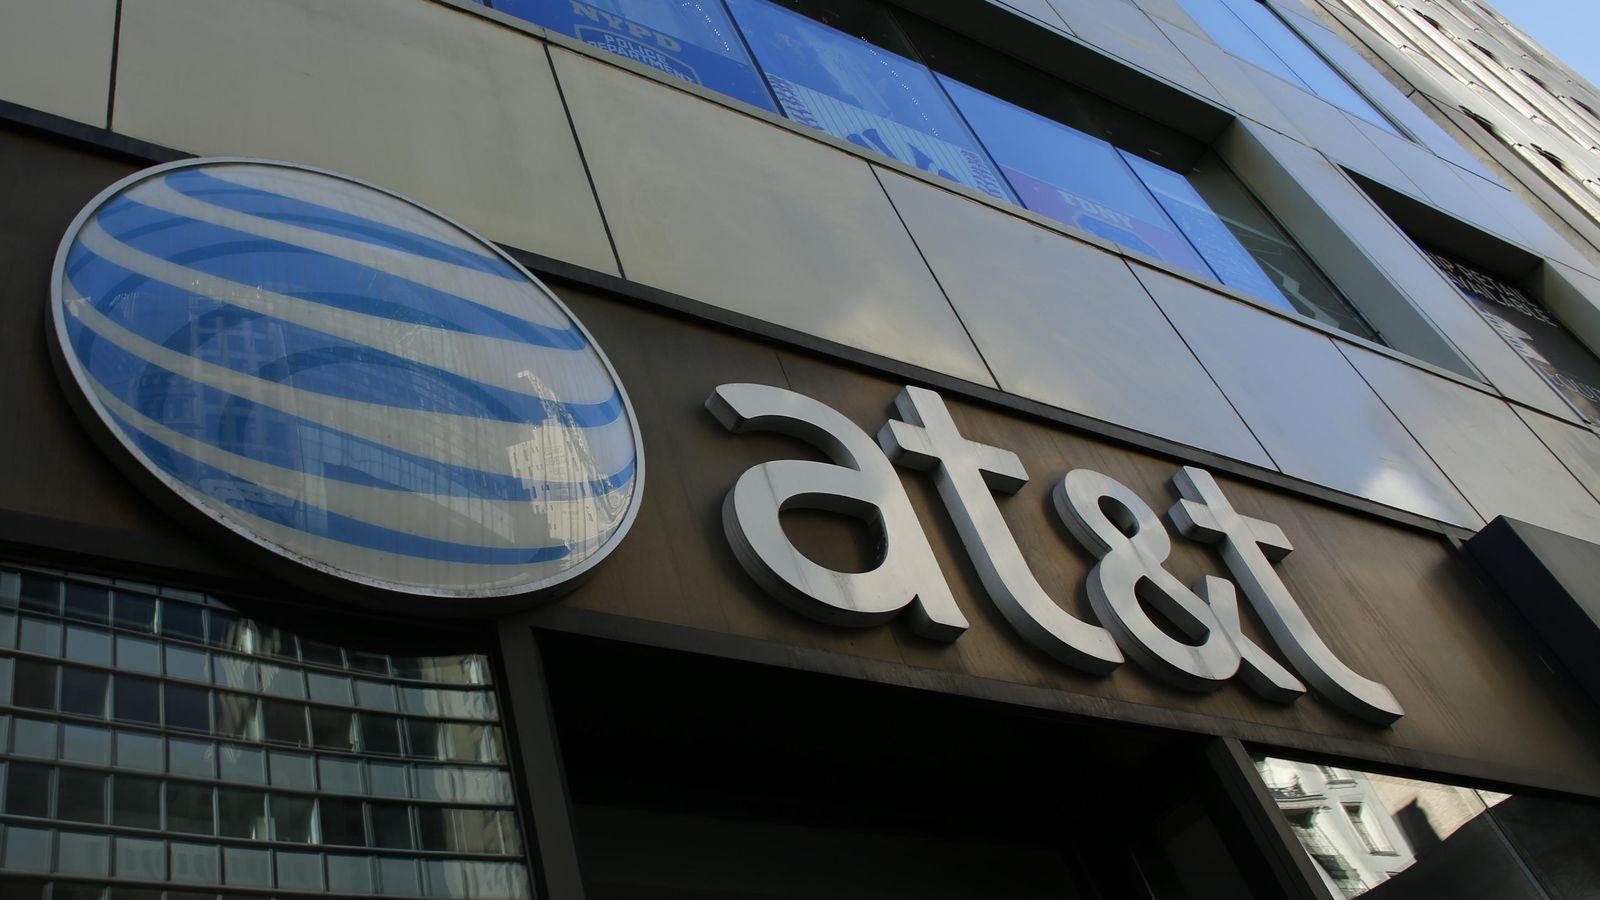 Биткойн-инвестор намерен взыскать с компании AT&T $224 млн. из-за кражи криптовалюты